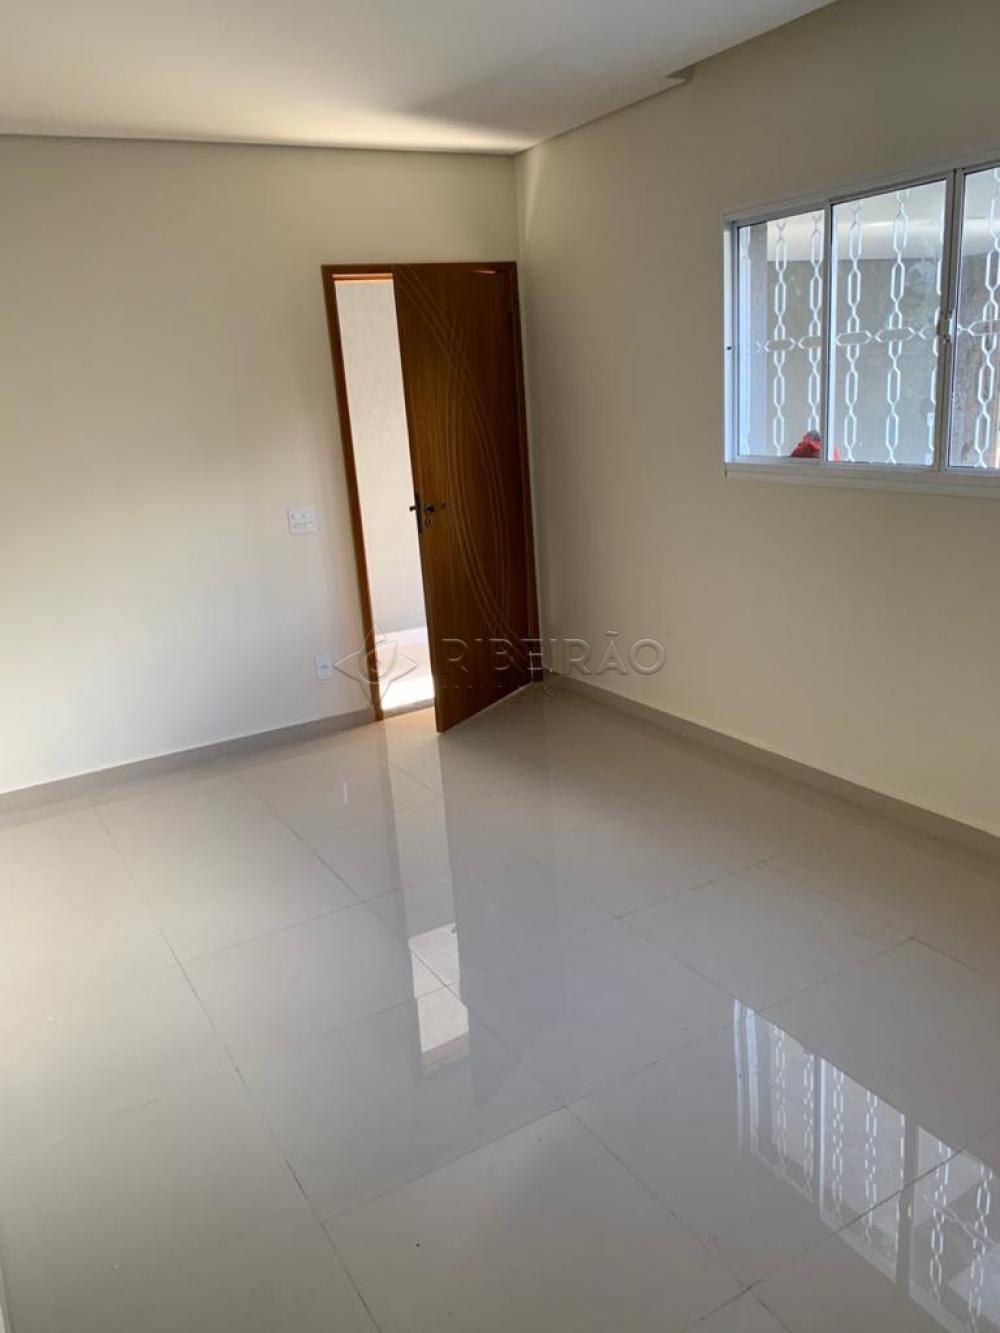 Comprar Casa / casa Padrão em Ribeirão Preto R$ 420.000,00 - Foto 11